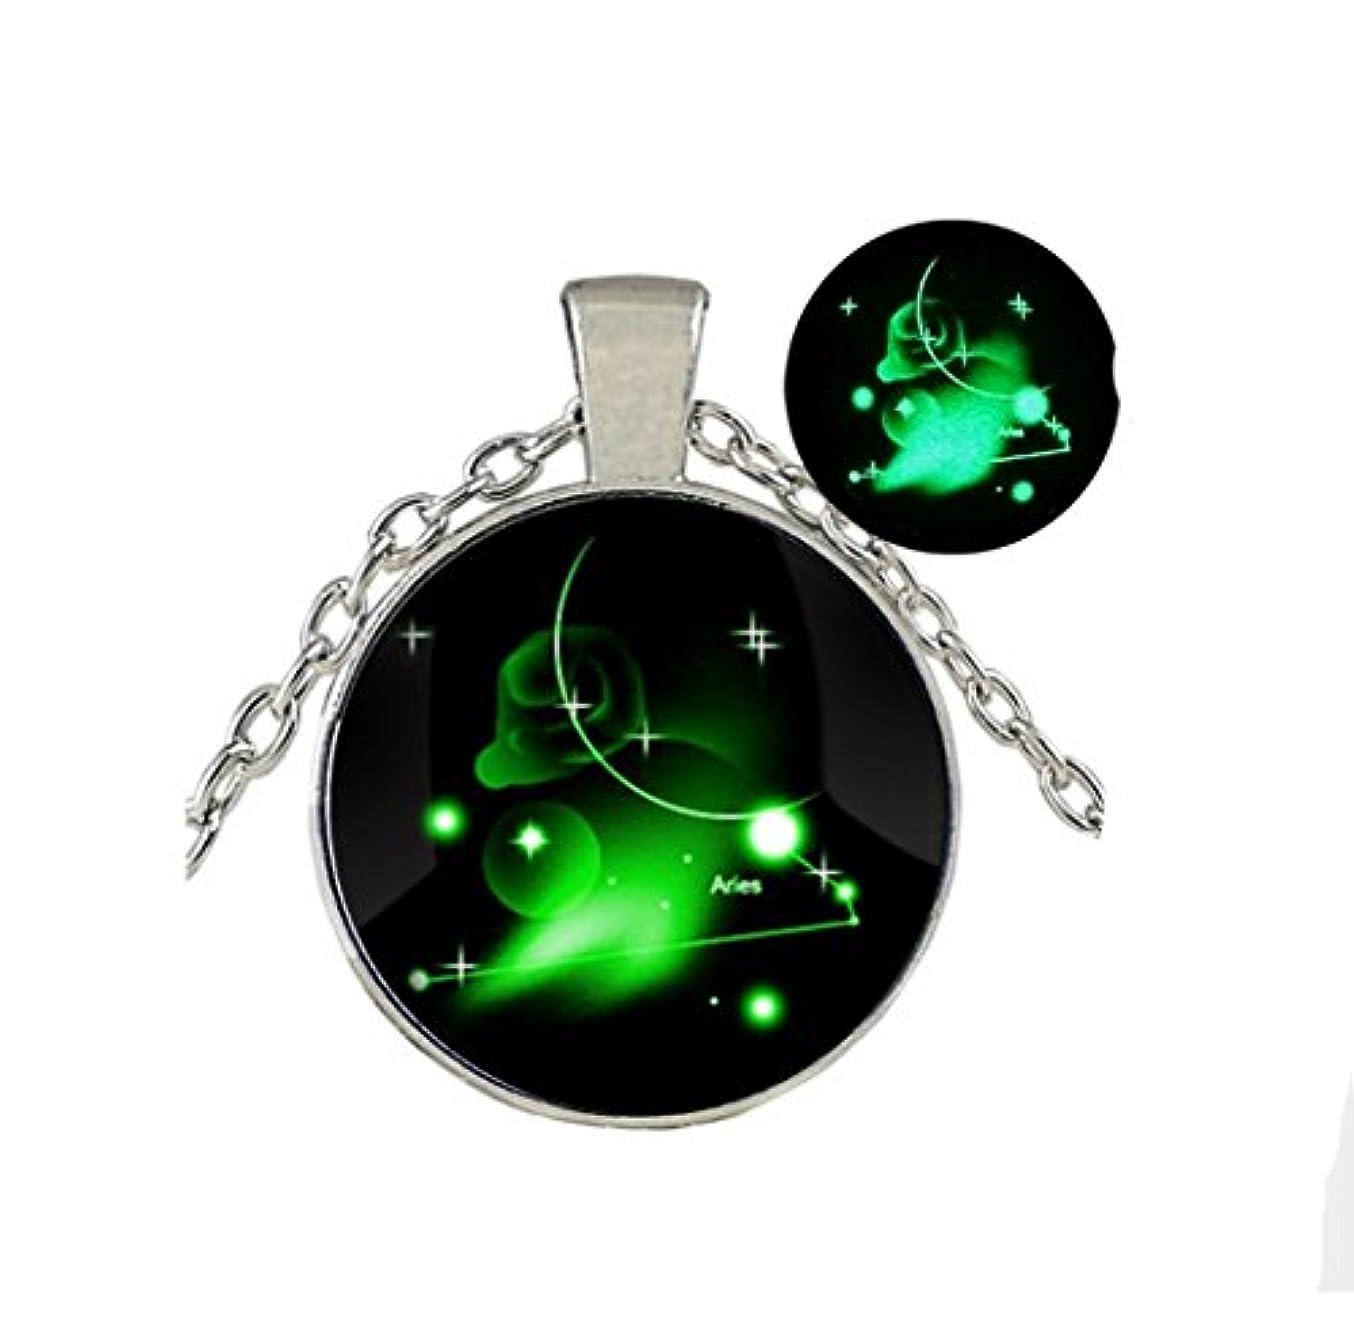 年齢水没拍車Glow in the Dark /グローネックレス/ Glowing Jewely / Constellation Ariesジュエリー